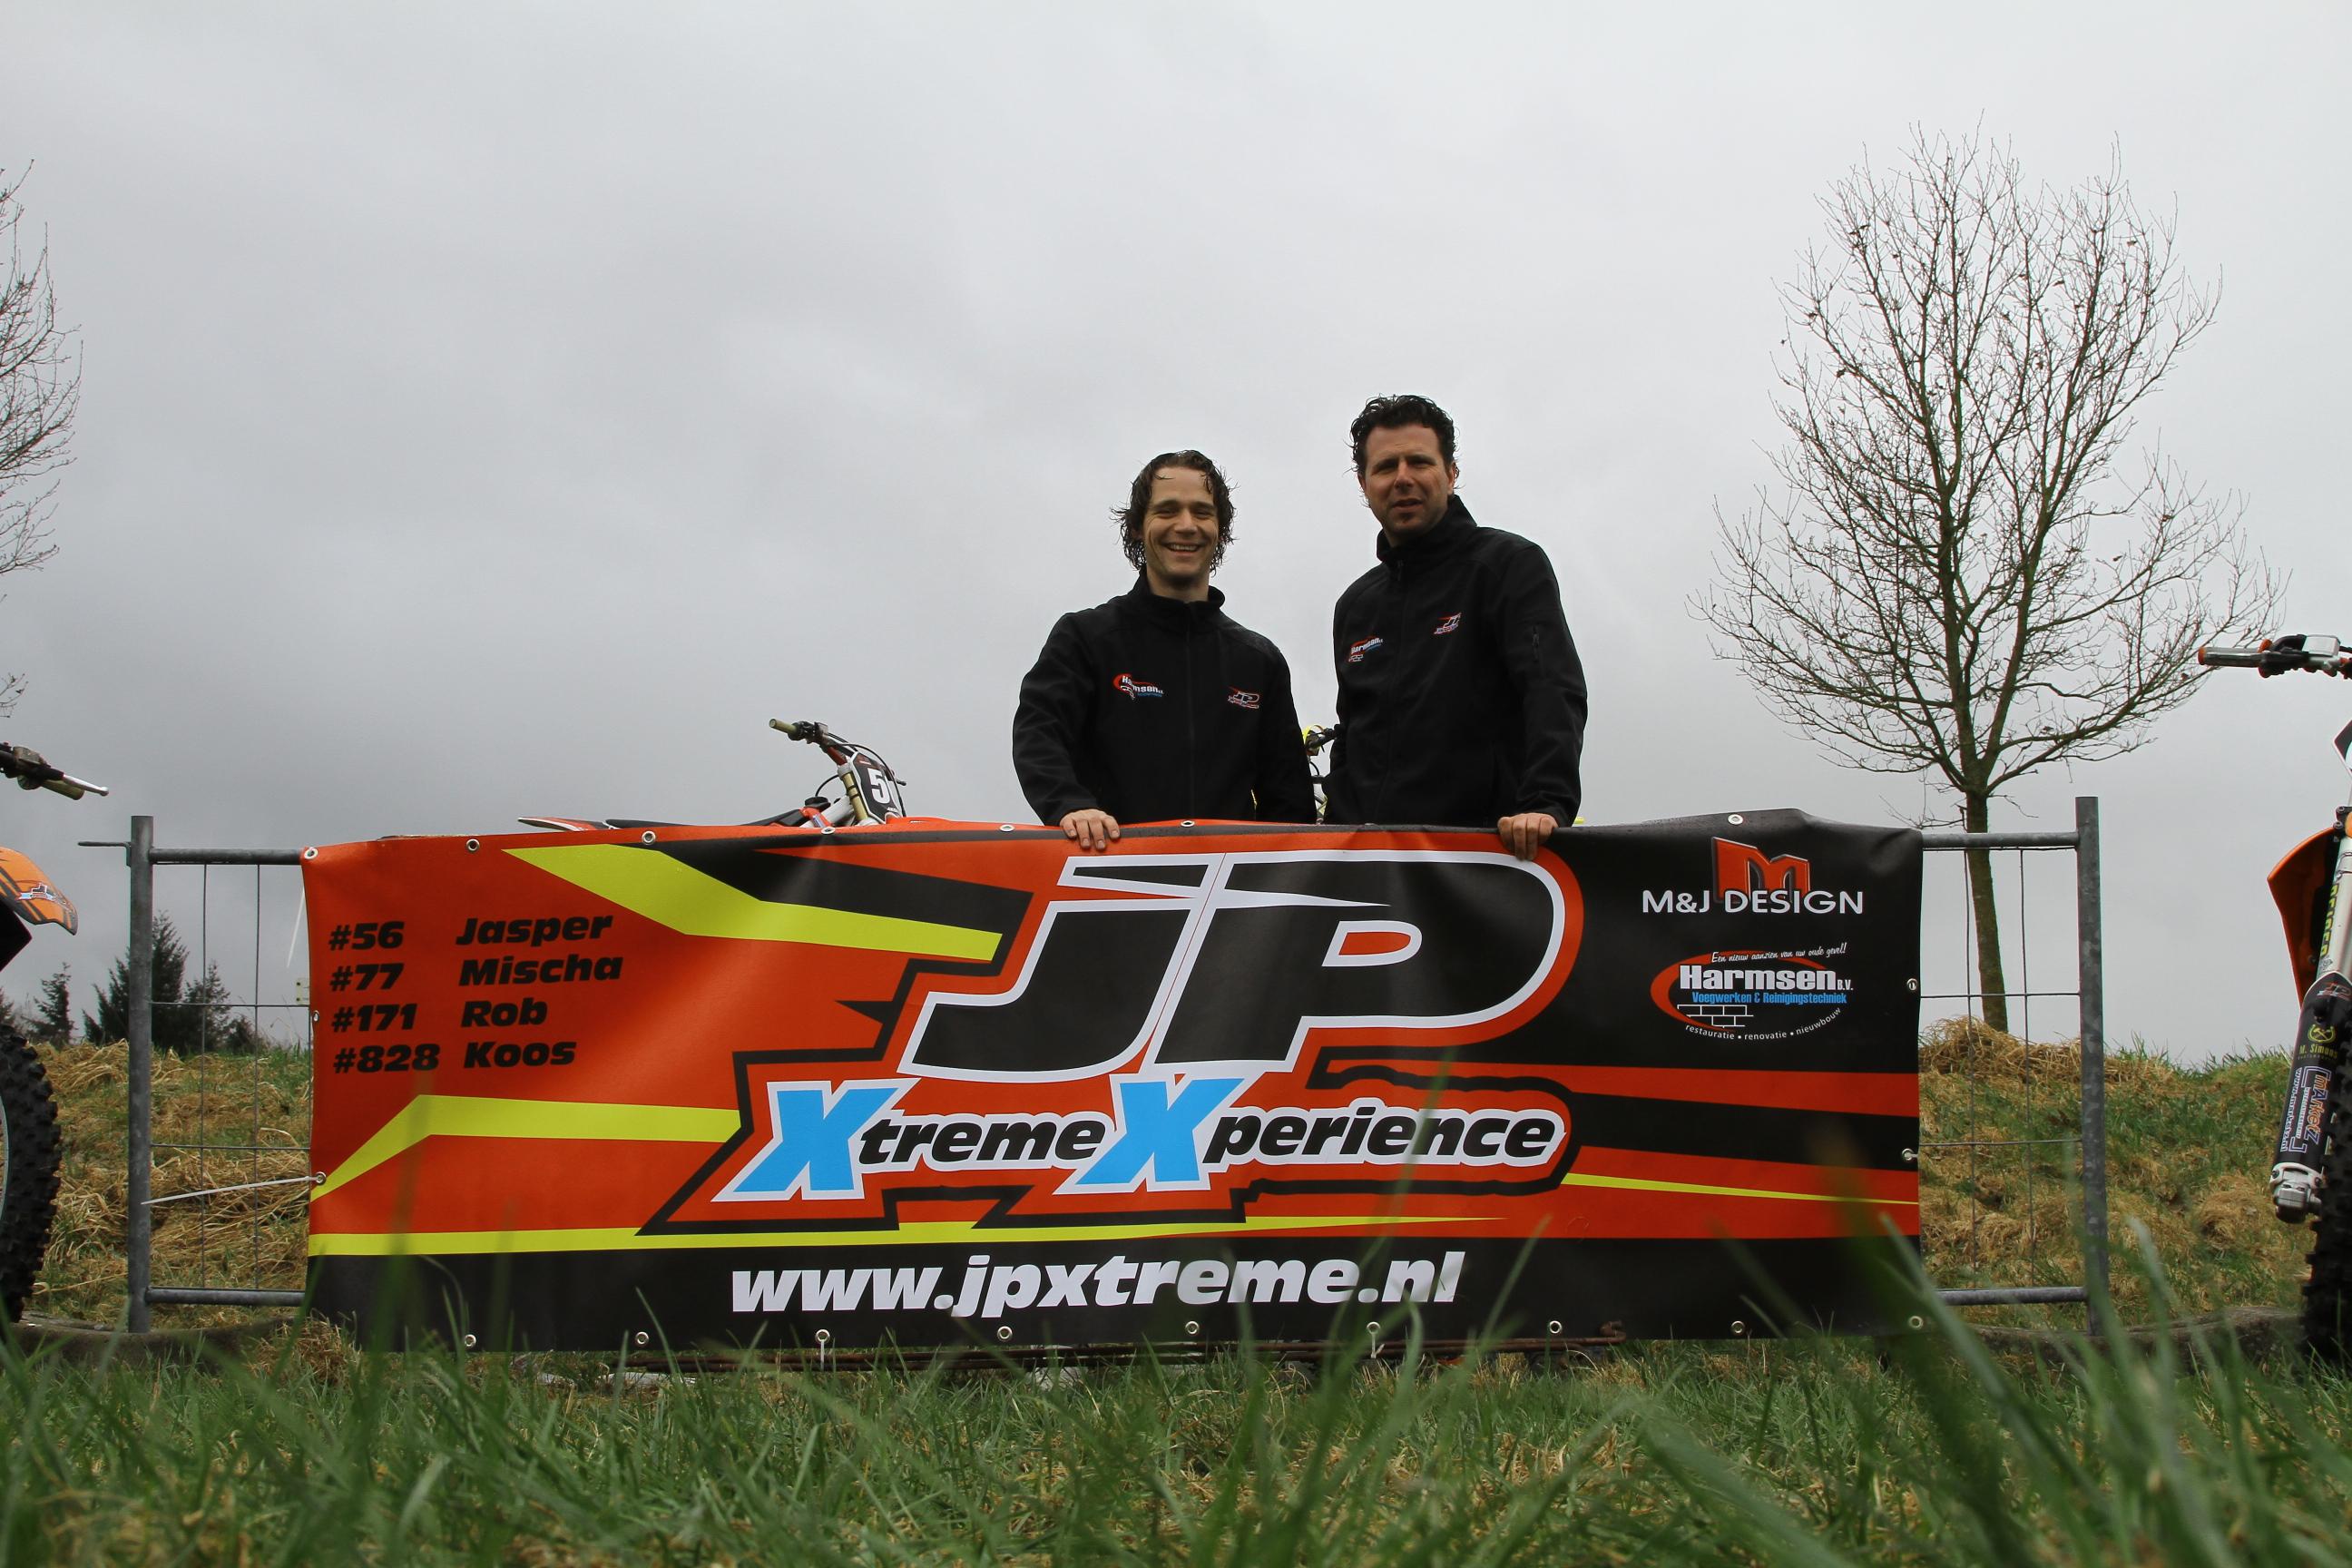 team-jpxtreme-xperience-2012-foto-henk-teerink-30